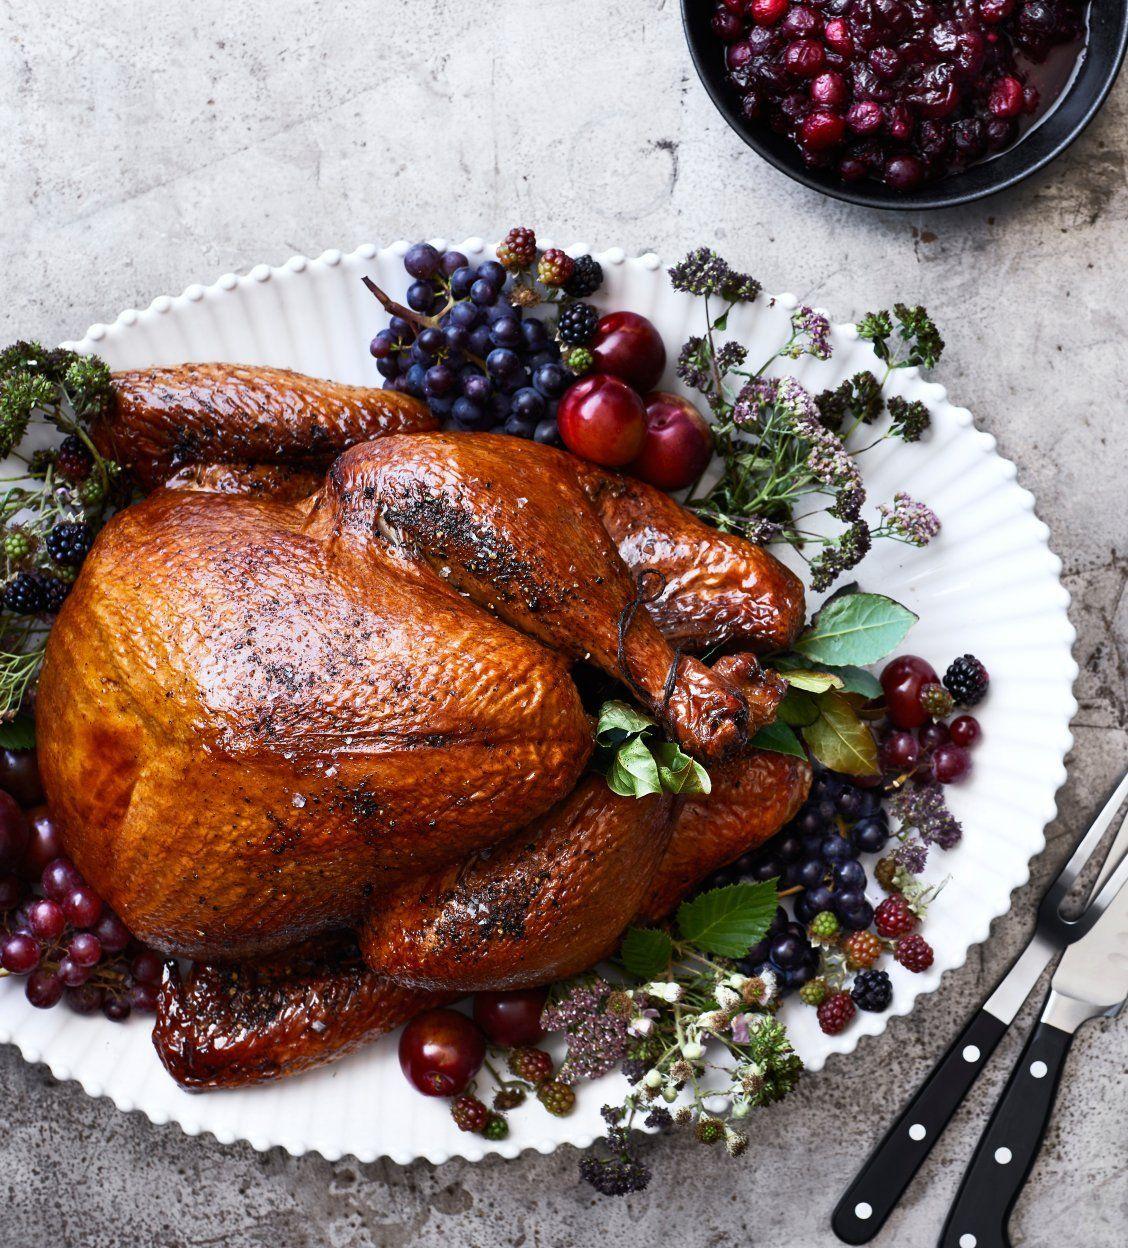 Buttermilk Brined Turkey Recipe Thanksgiving Dinner Recipes Recipes Buttermilk Brine Turkey